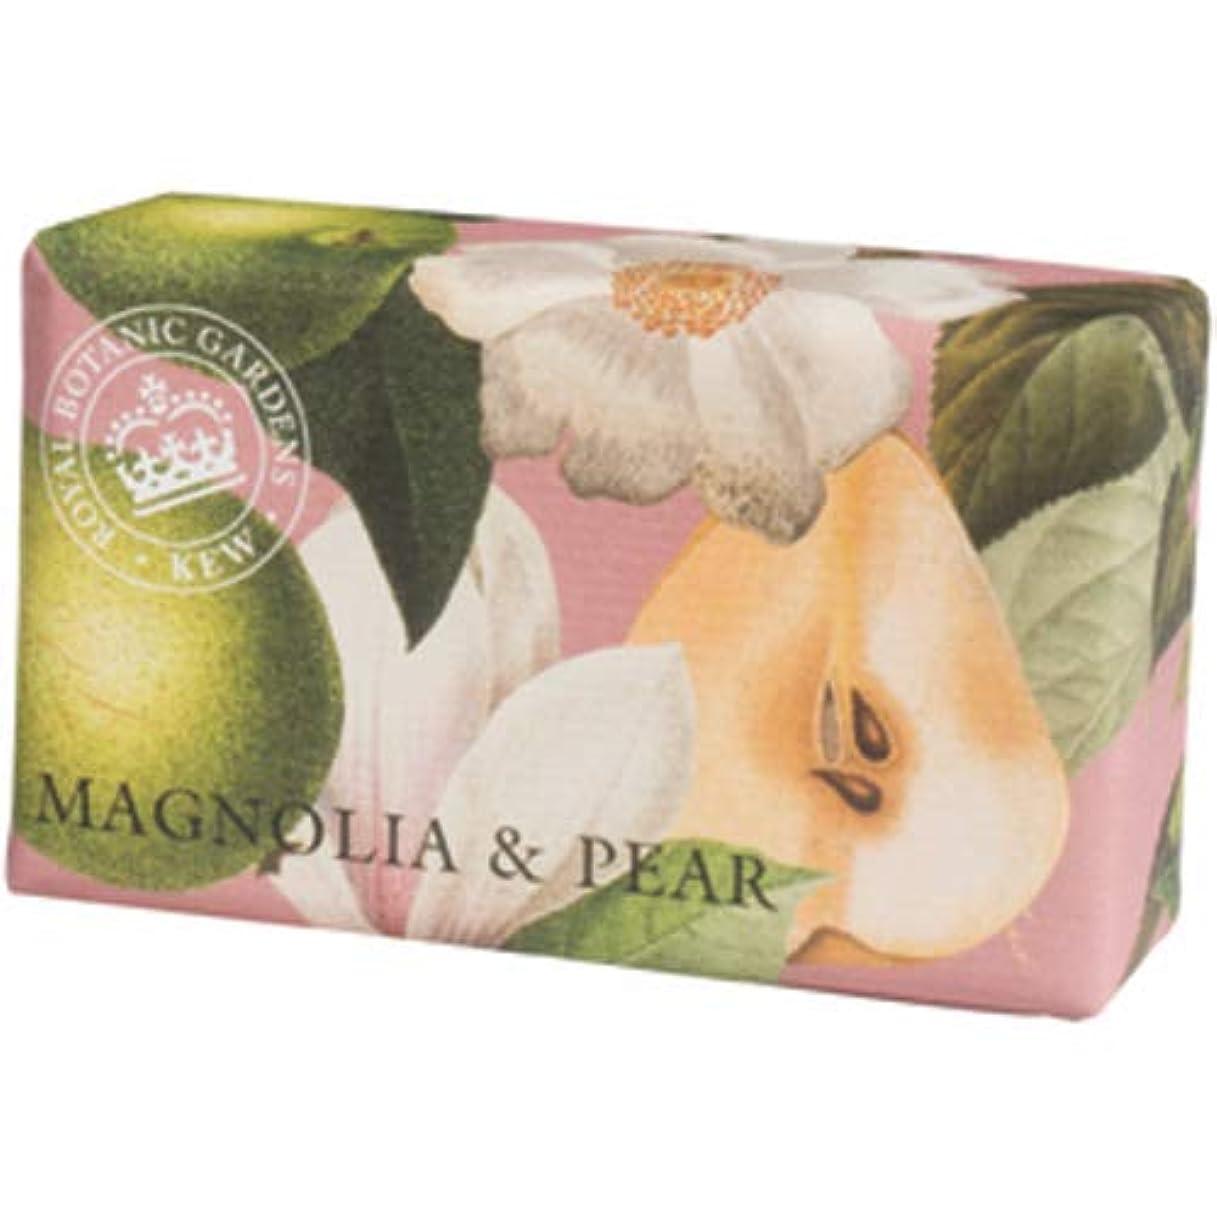 English Soap Company イングリッシュソープカンパニー KEW GARDEN キュー?ガーデン Luxury Shea Soaps シアソープ Magnolia & Pear マグノリア&ペア